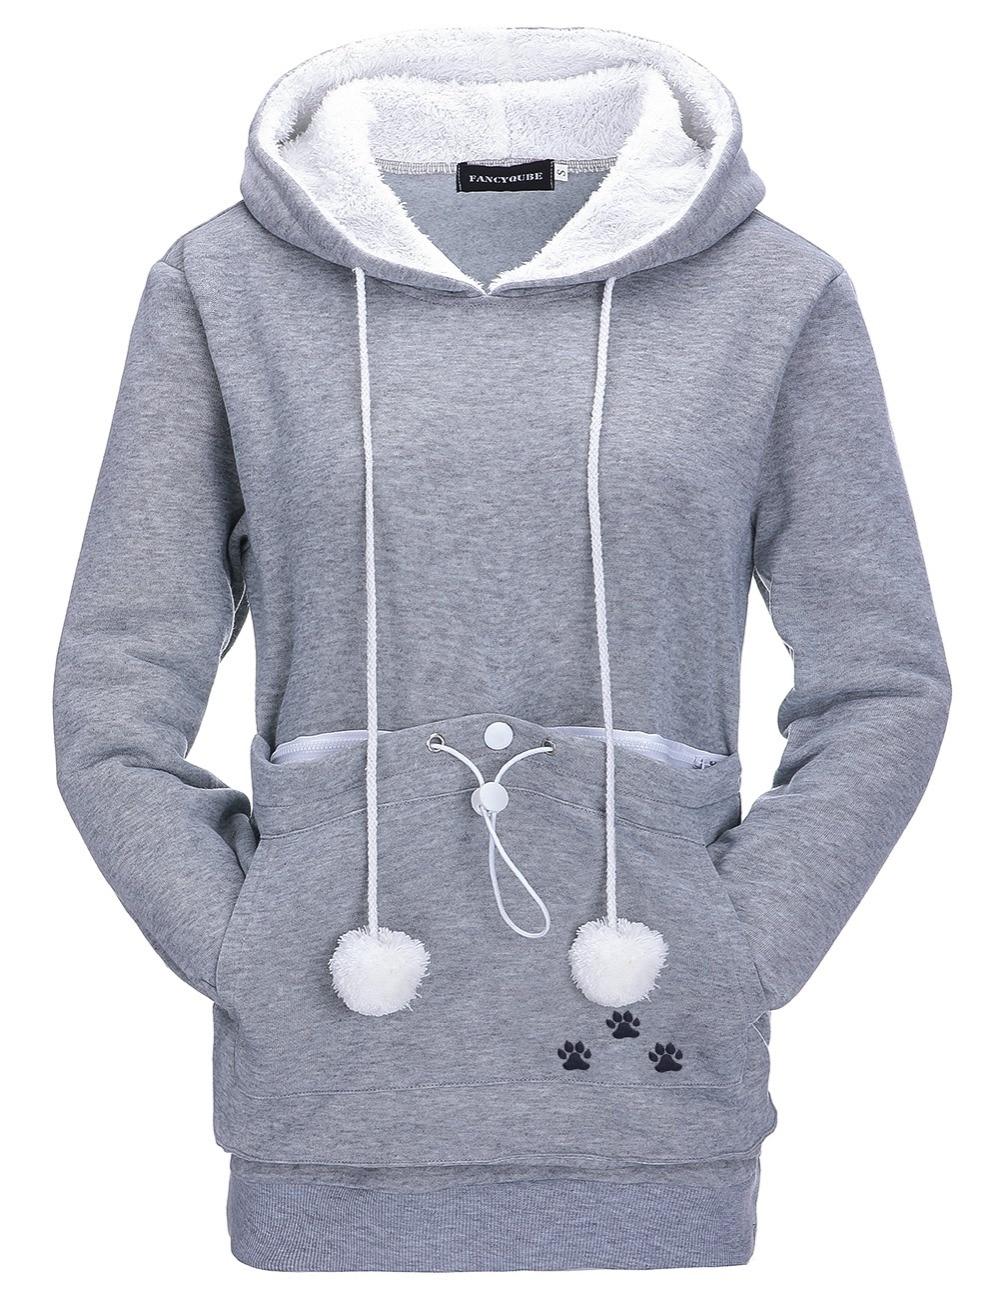 17 New Cartoon Hooded Hoodies Lover Cats Kangaroo Dog Hoodie Long Sleeve Sweatshirt Front Pocket Casual Animal Ear Hoodie 24